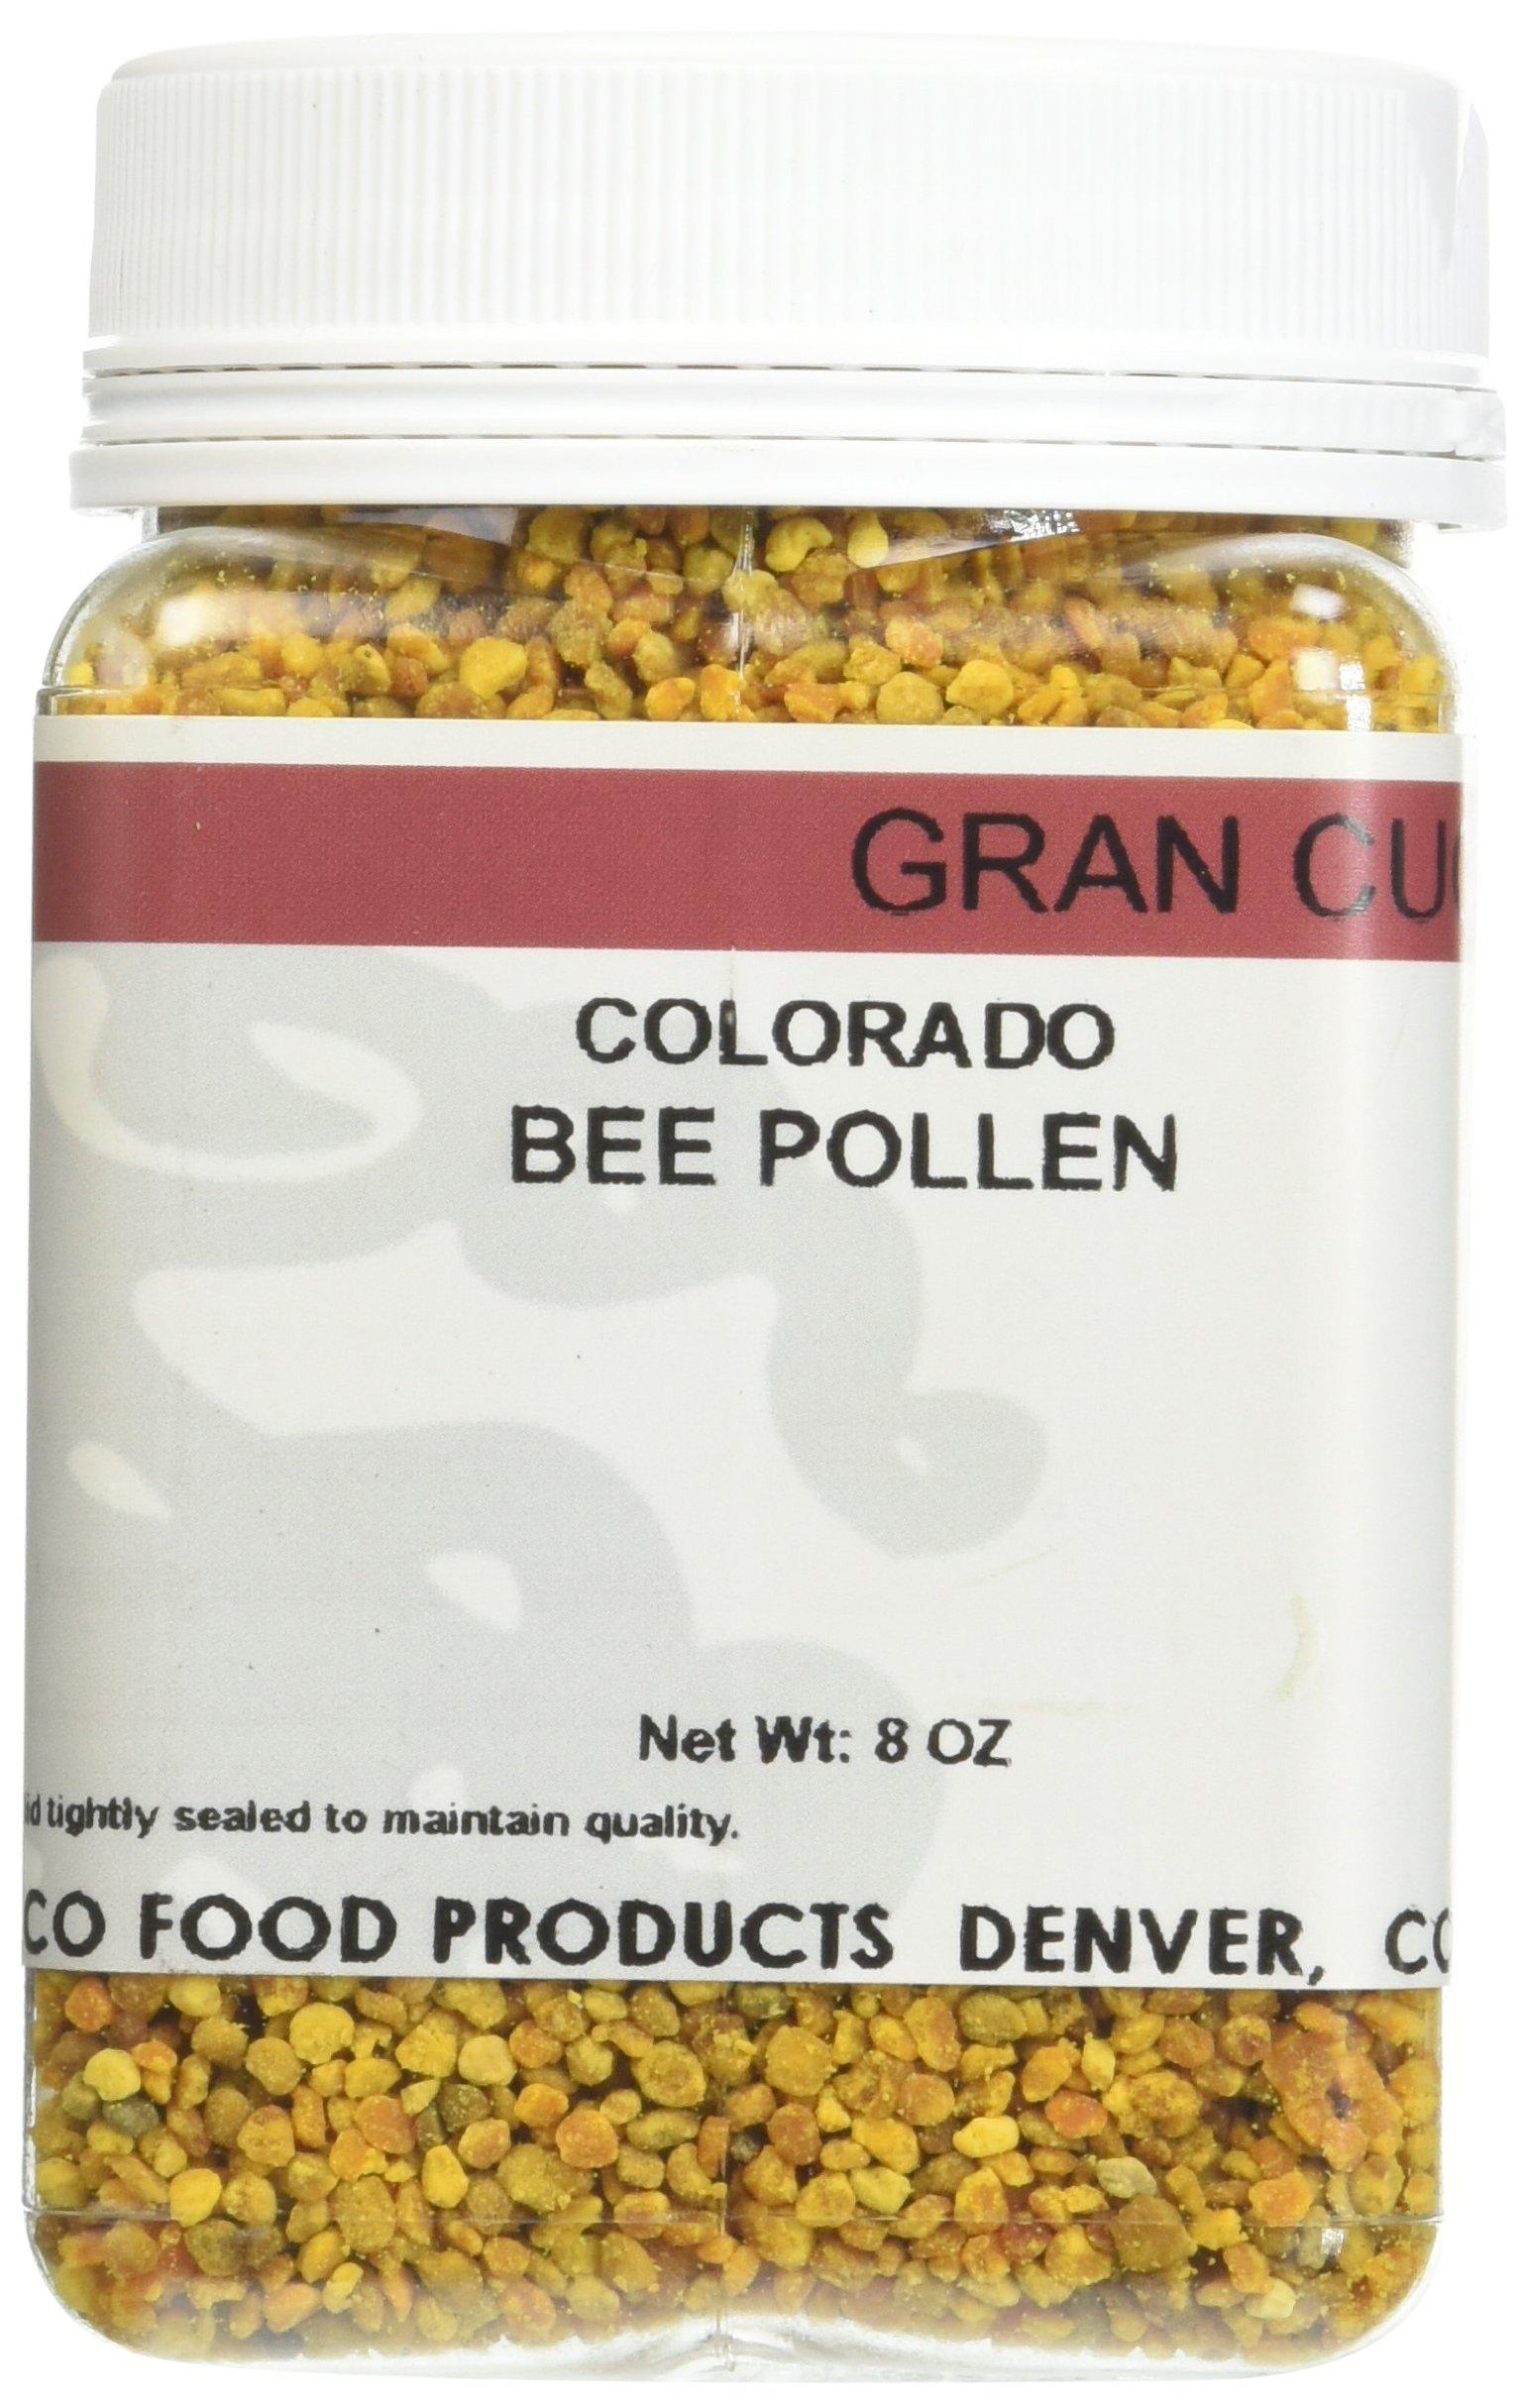 Colorado Bee Pollen by Mondo Market - 8 Ounces